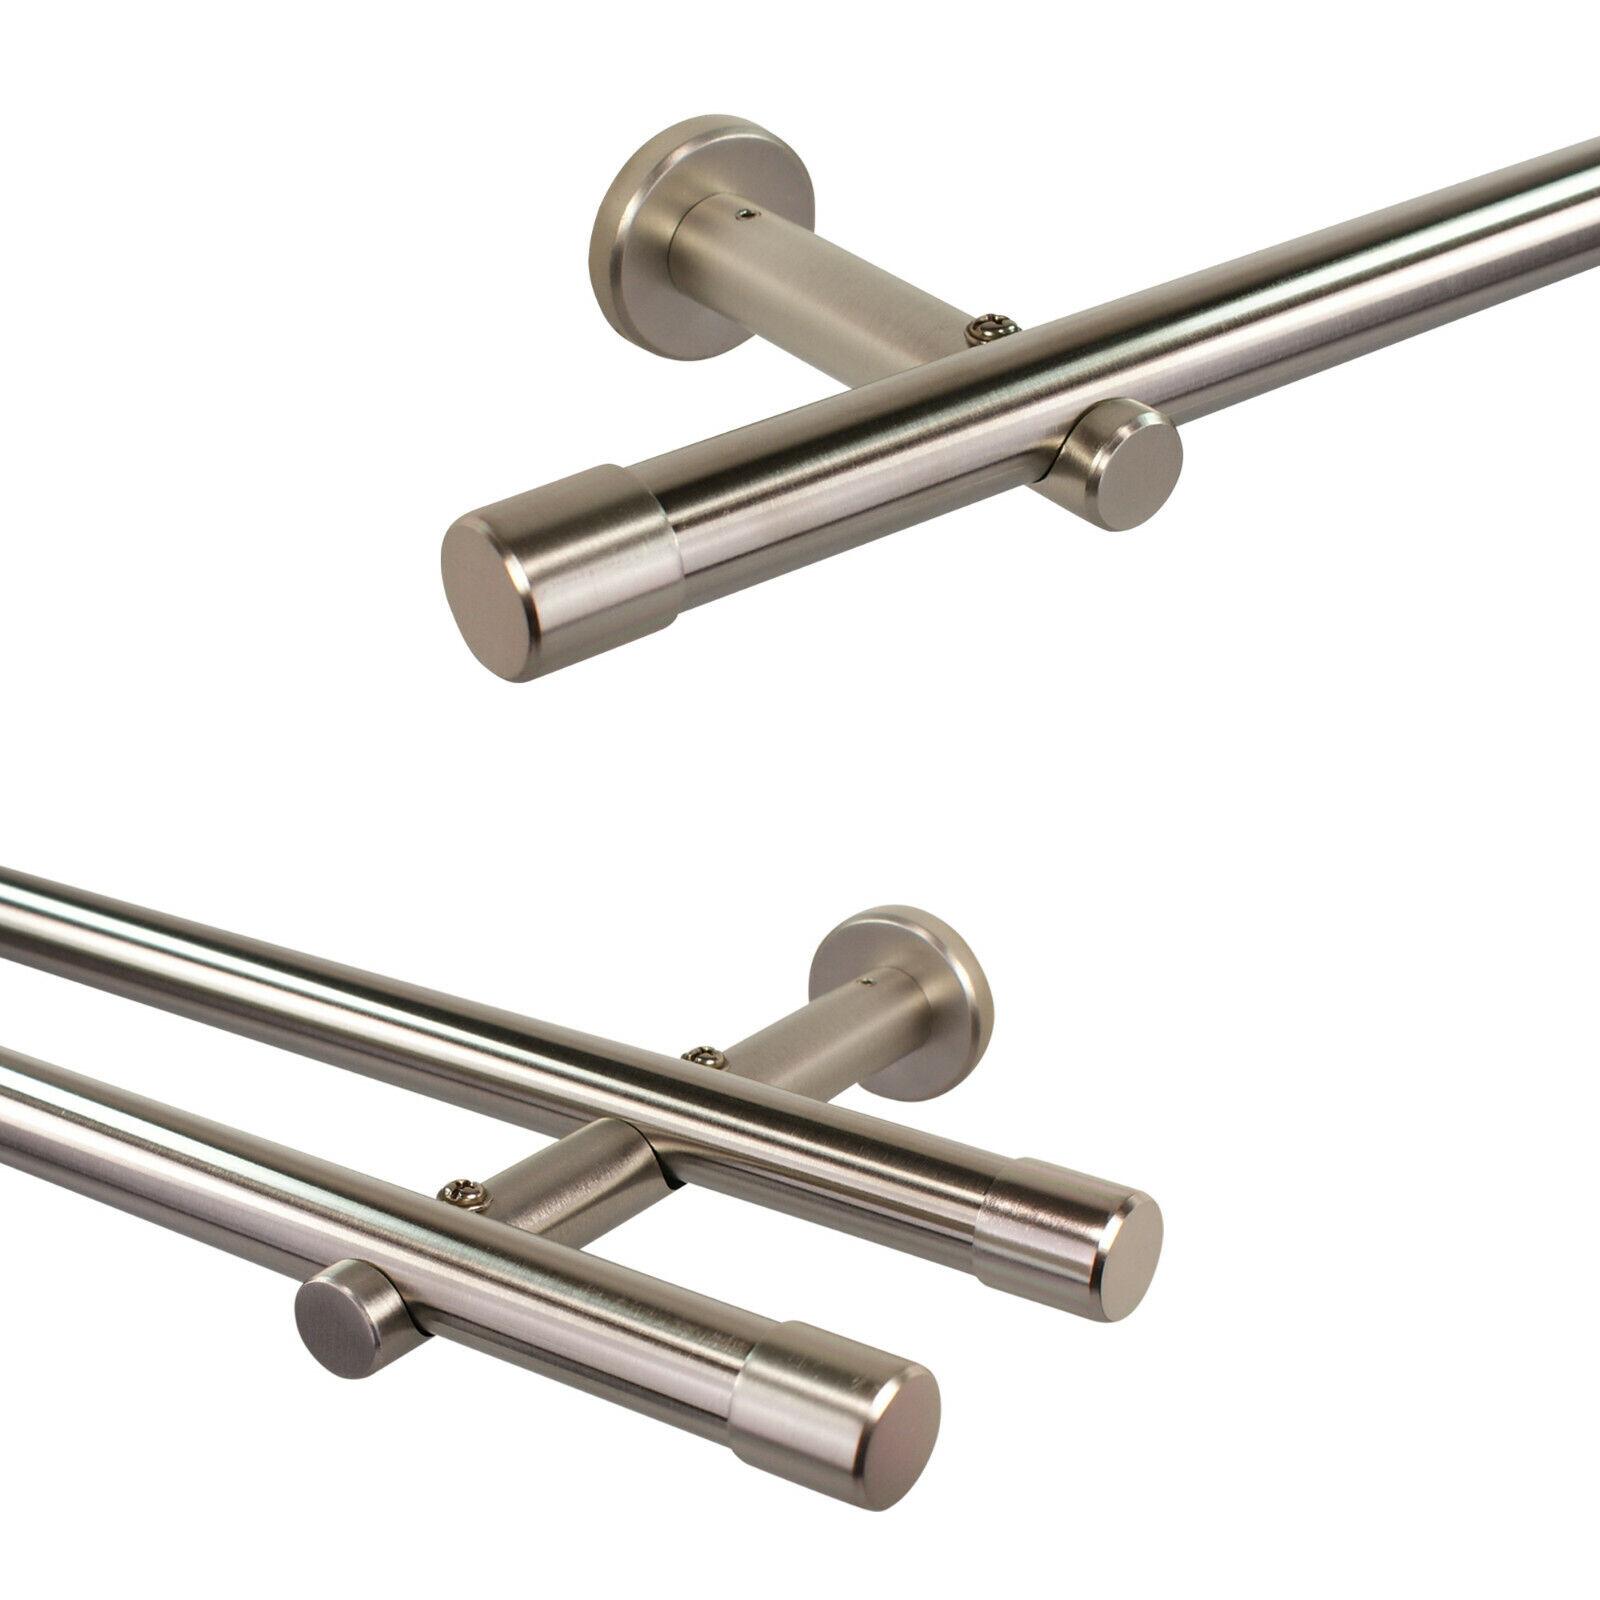 Endstücke für 20 mm Gardinenstangen schwarz im 2er Set aus Aluminium